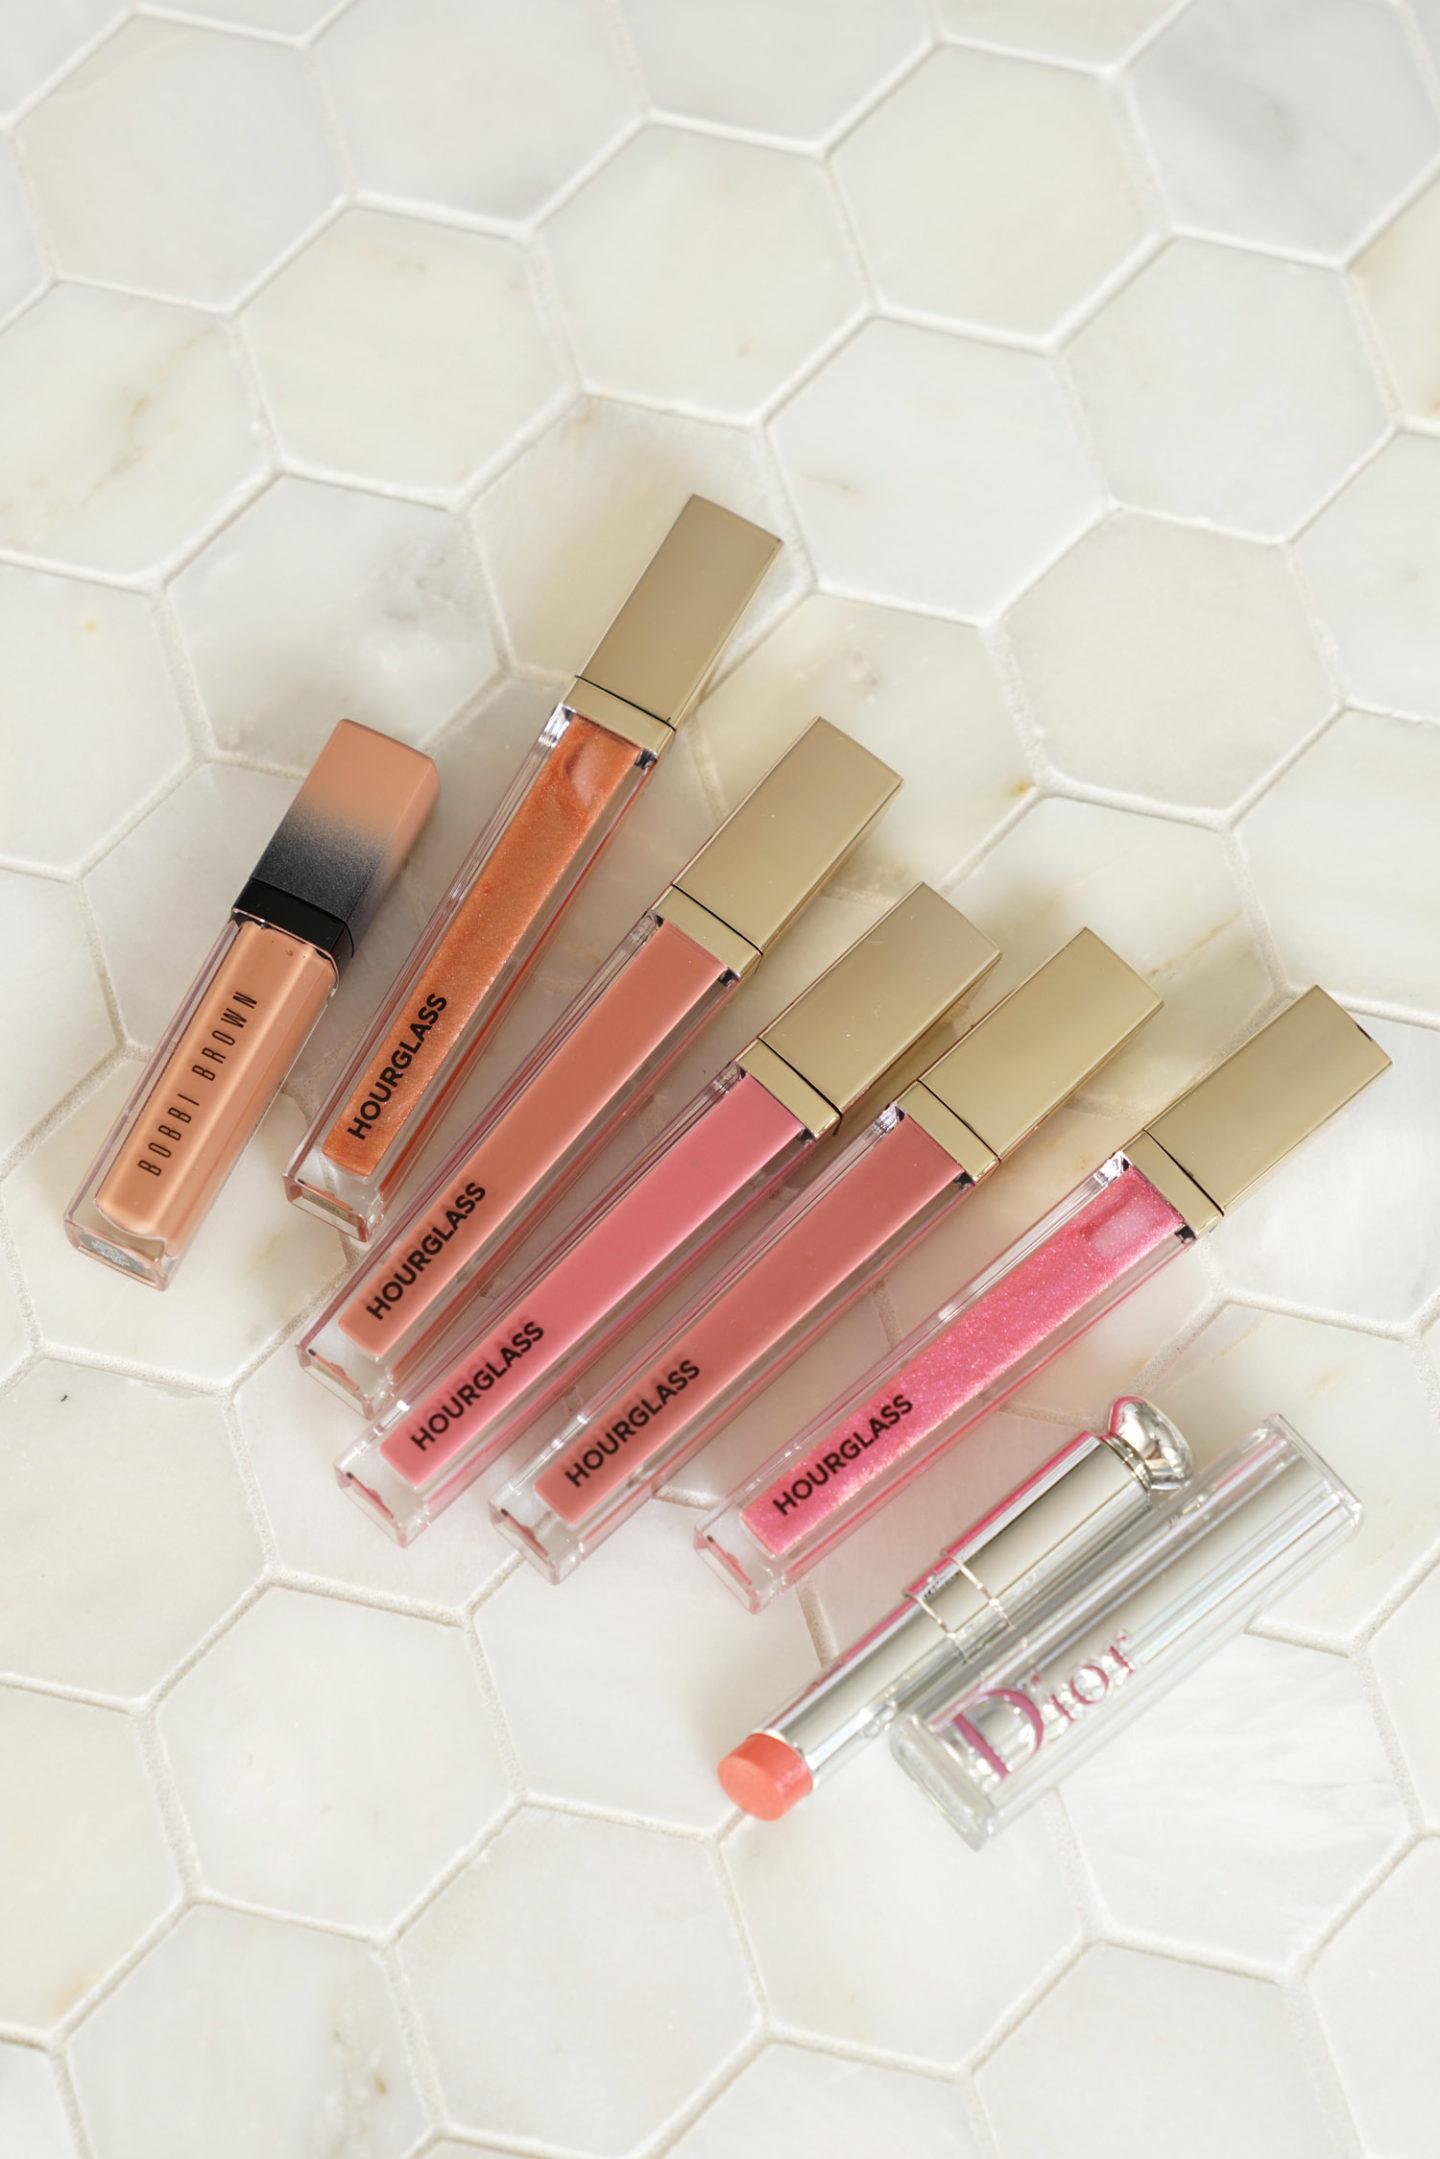 Sablier Unreal Lipgloss, Lèvre Liquide Écrasée Bobbi Brown et Dior Stellar Shine